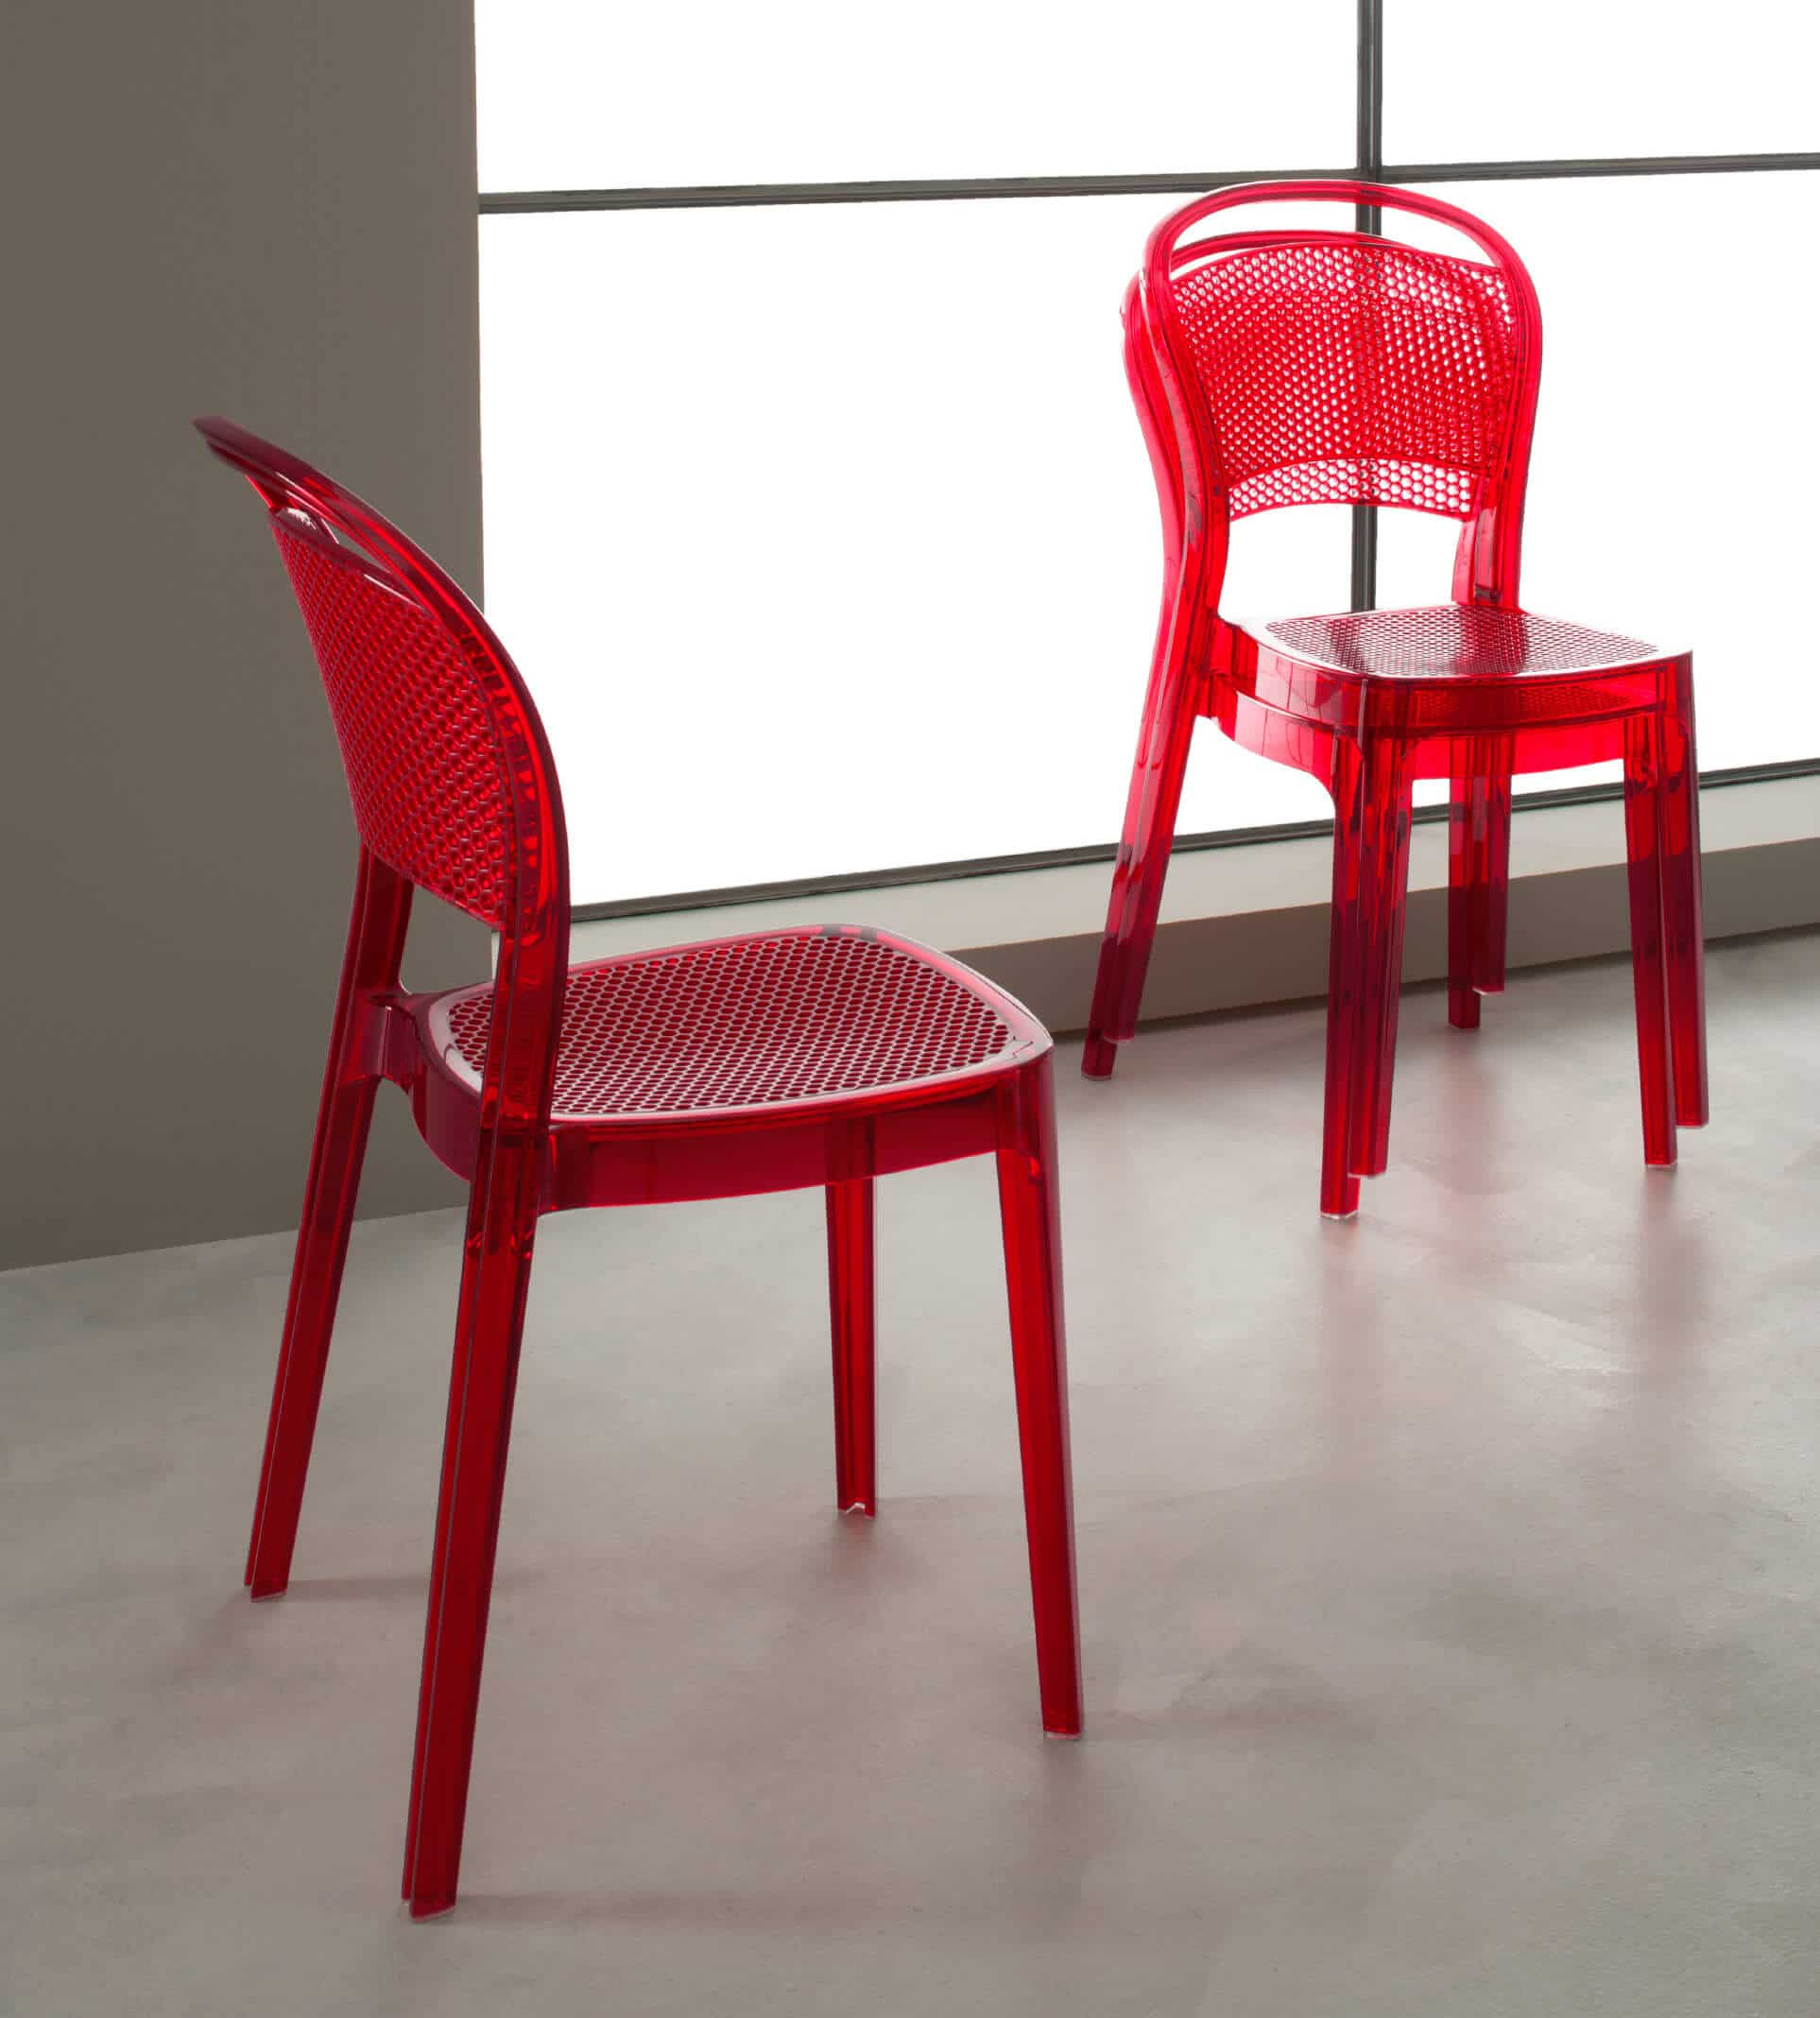 Sedia modello katy complementi e illuminazione sedie for Sedia rossa